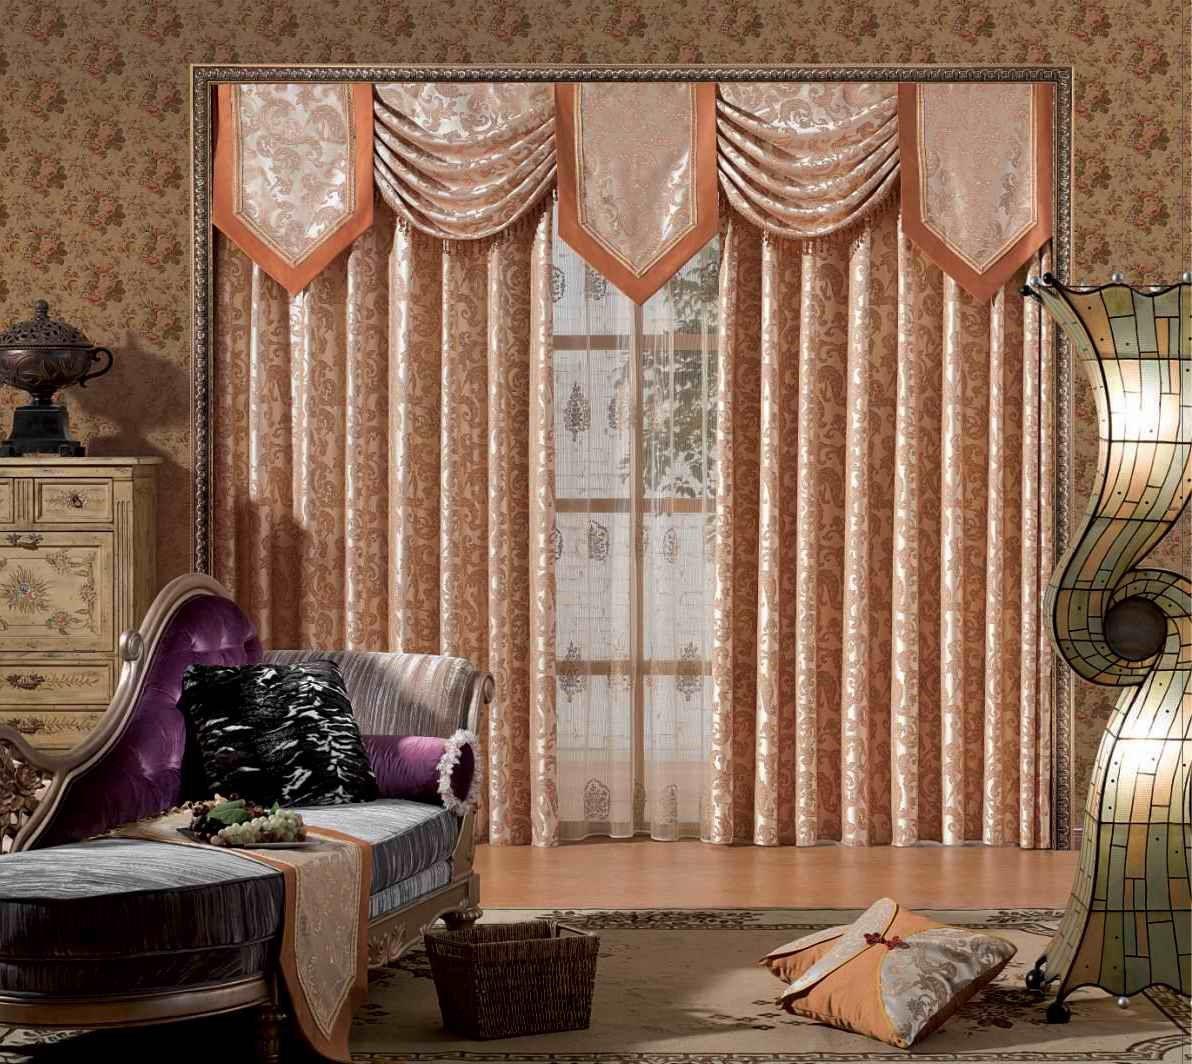 Ламбрекены на шторах из эффектных тканей создают атмосферу роскоши